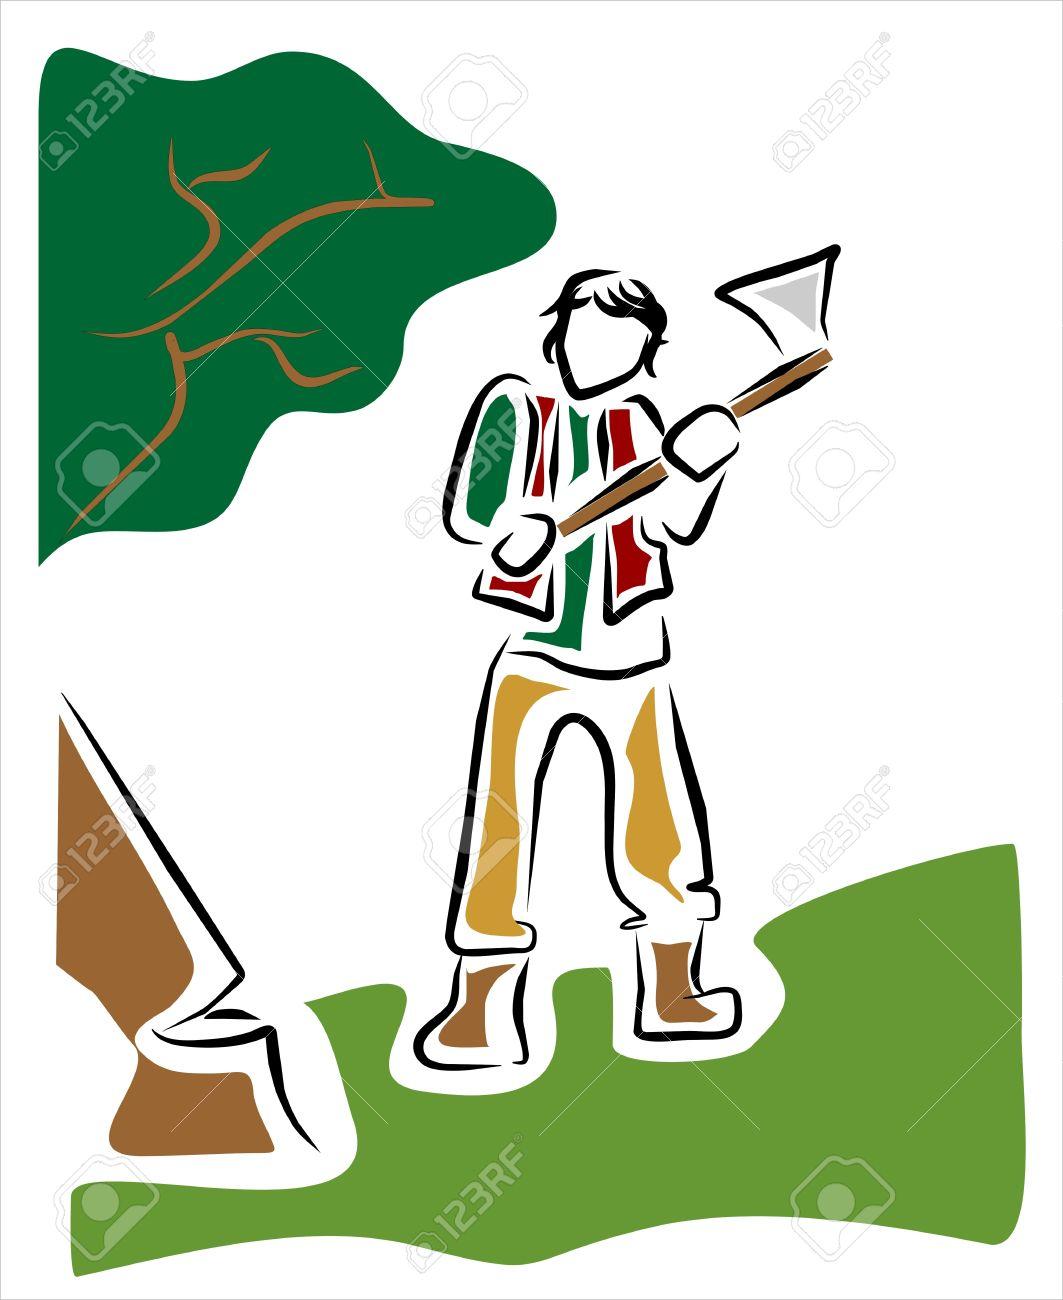 1 629 deforestation stock illustrations cliparts and royalty free rh 123rf com No More Deforestation Deforestation Save Lives